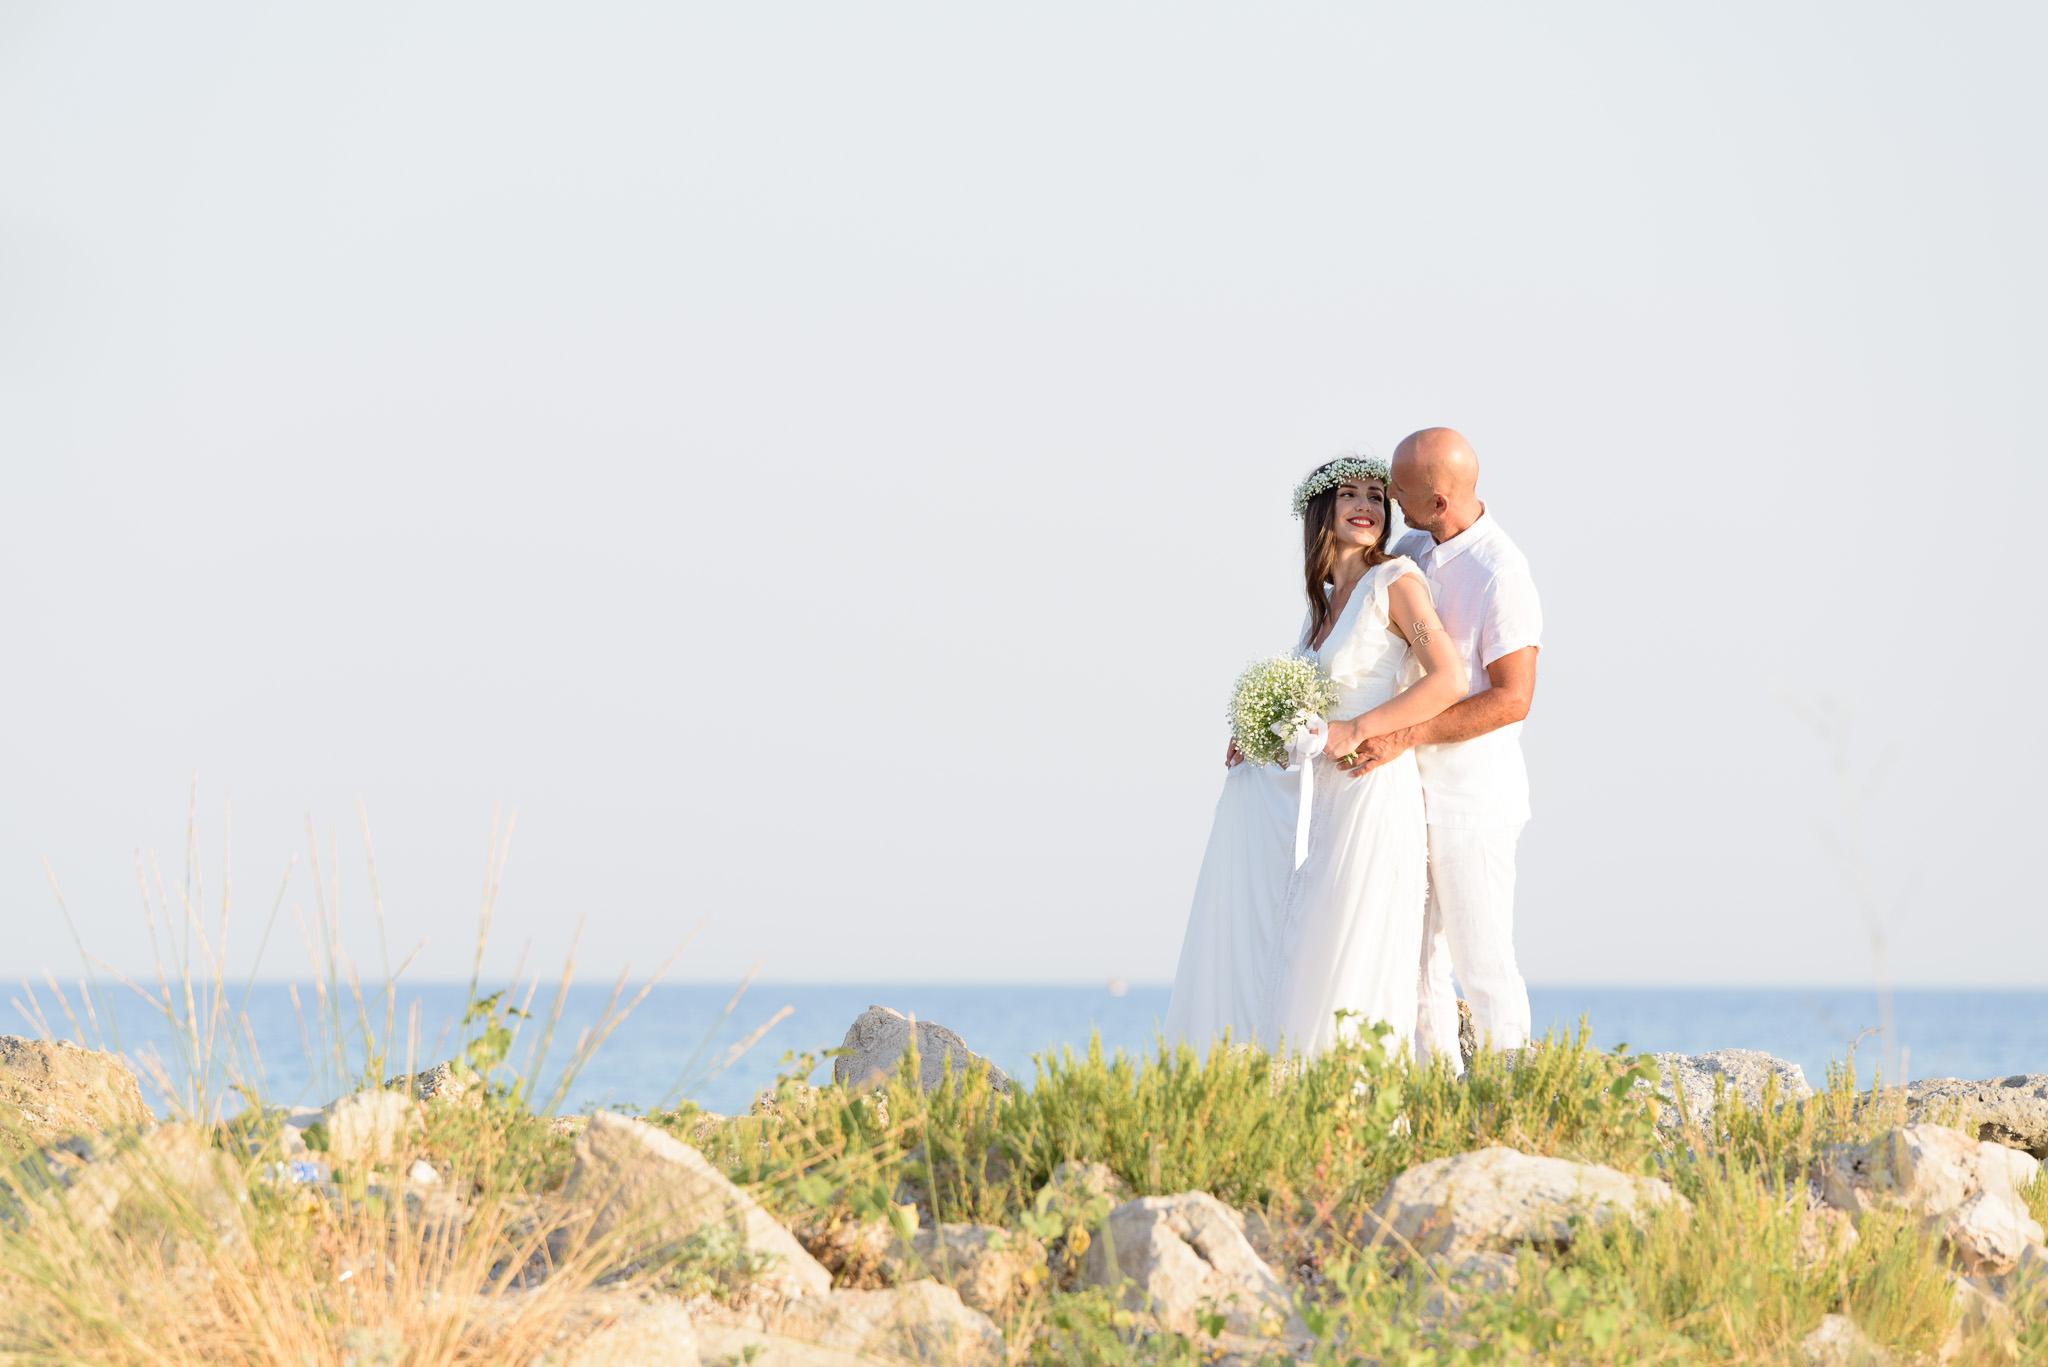 Φωτογράφιση γάμου Χαλκιδική Σωζόπολη Θάλασσα Charis Avramidis Photography Wedding best photographer φωτογράφοι